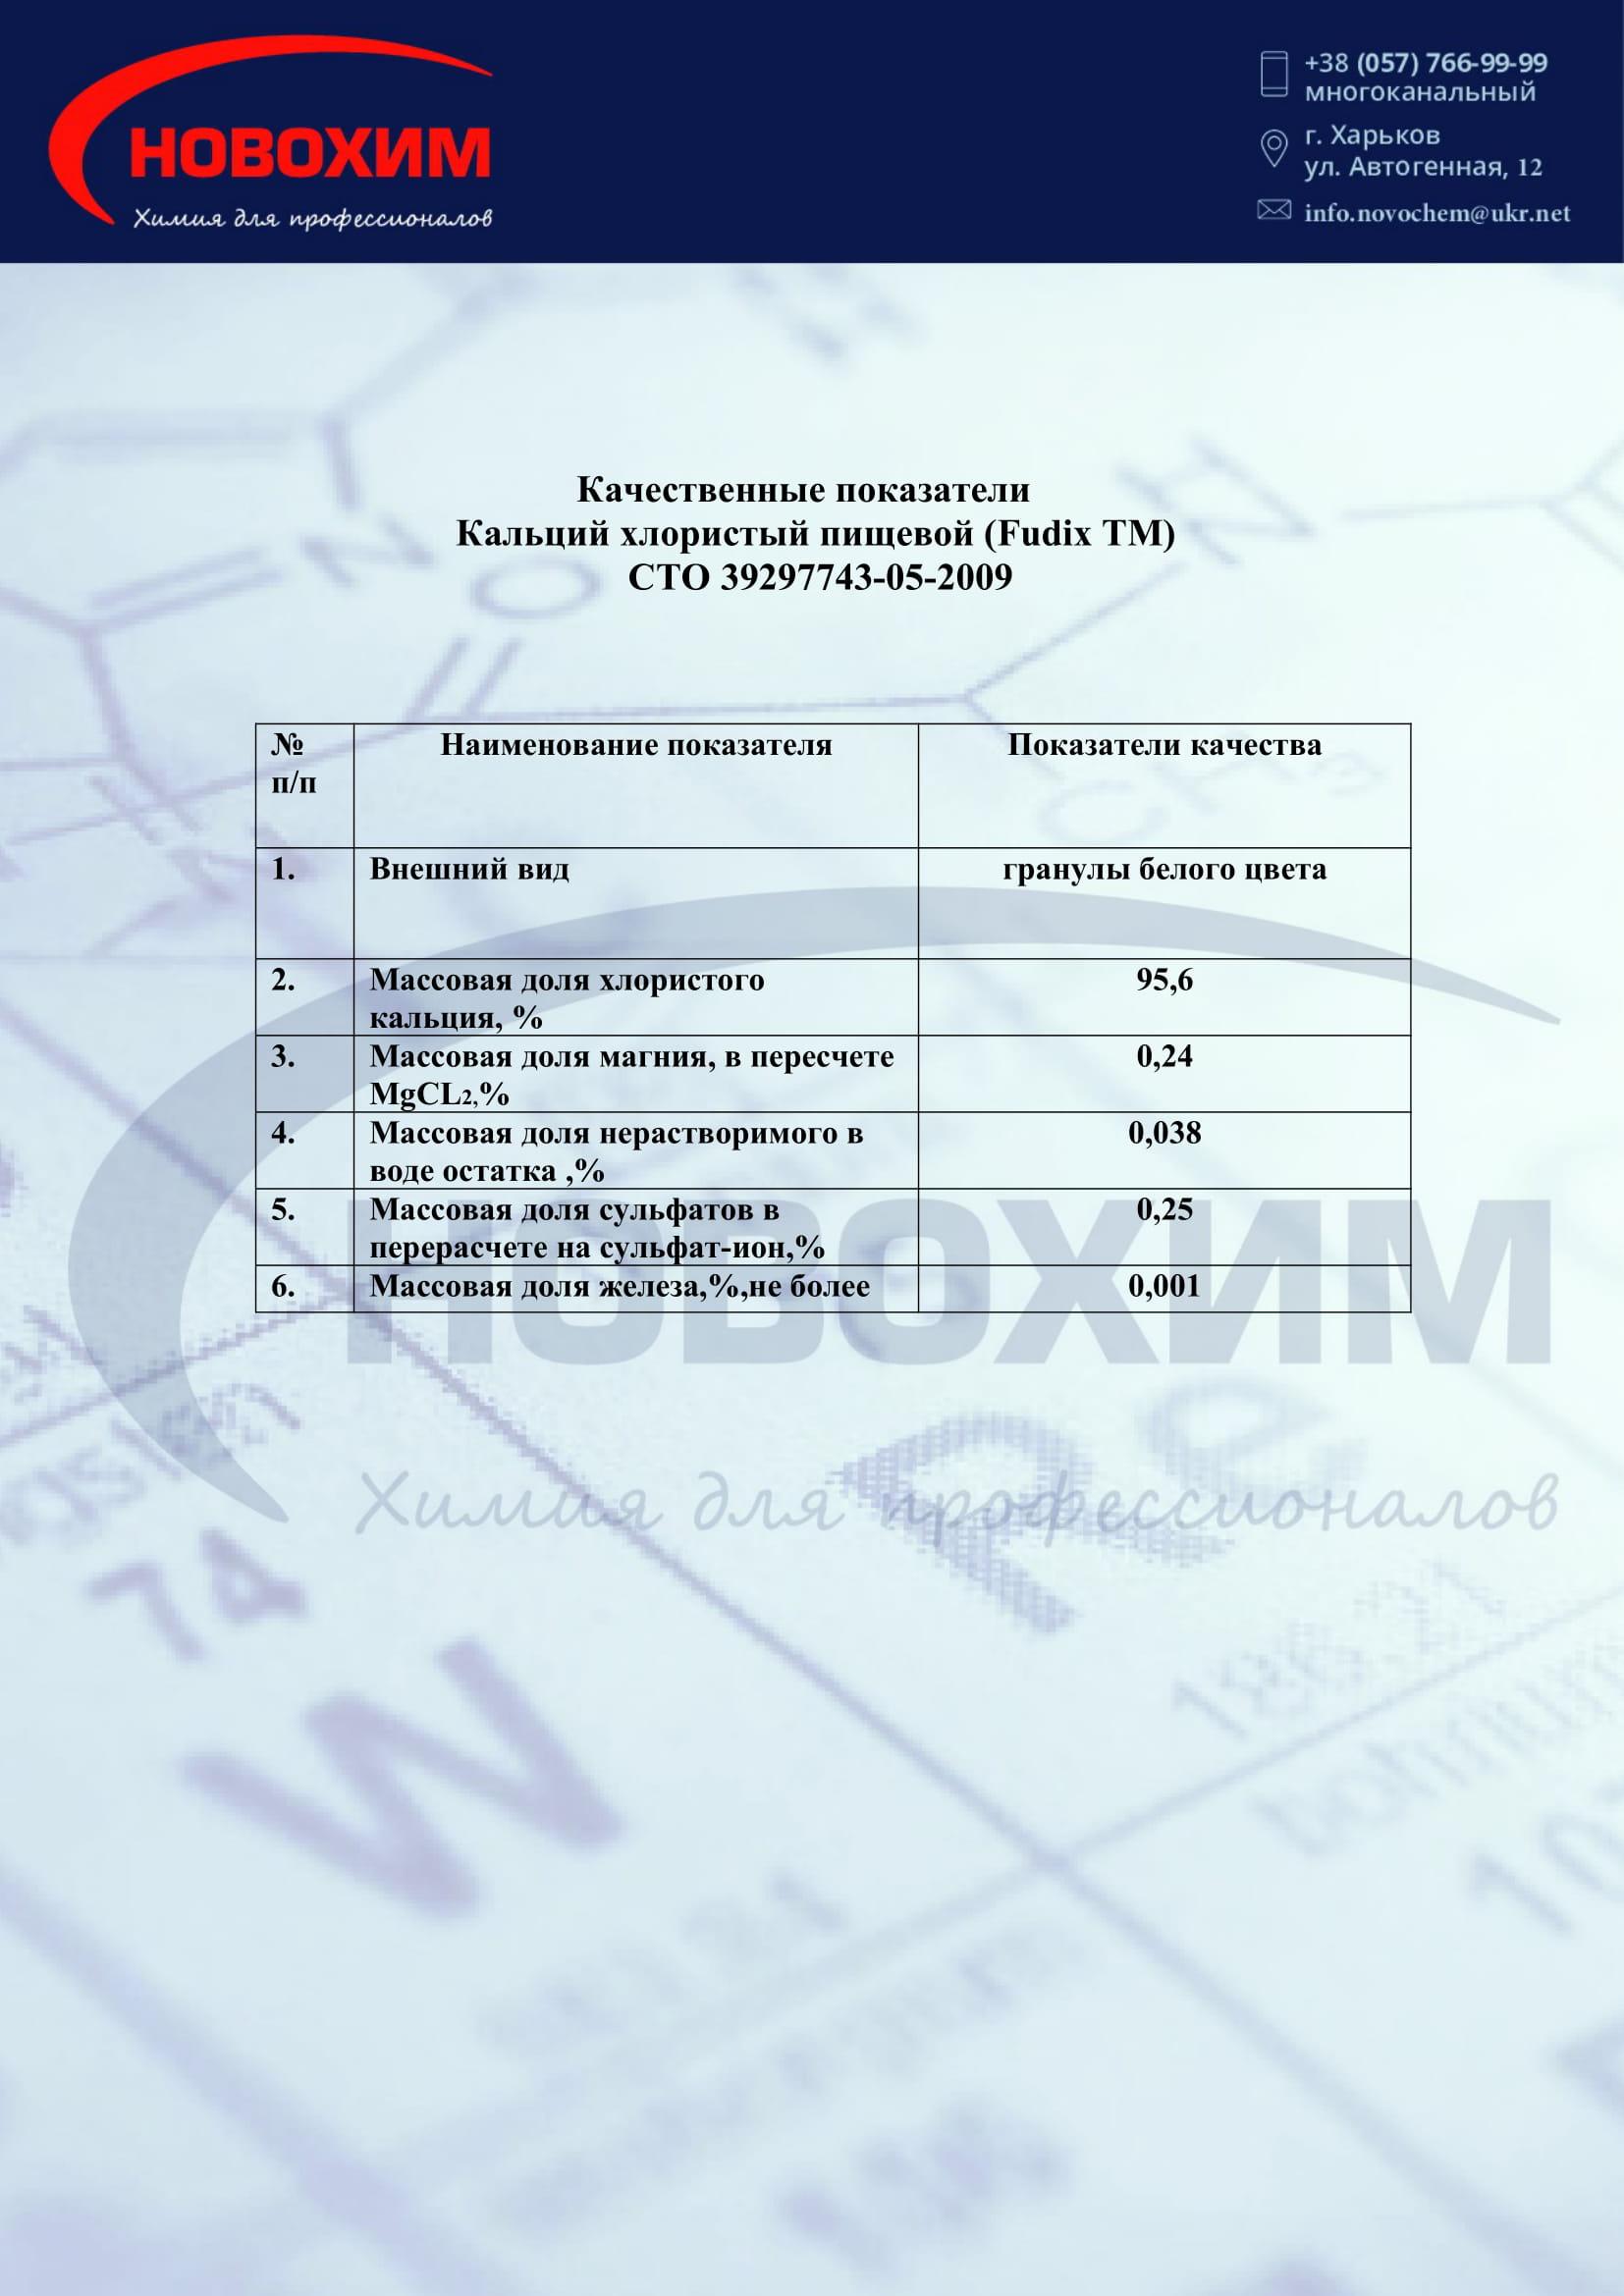 Фото сертификат кальций хлористый